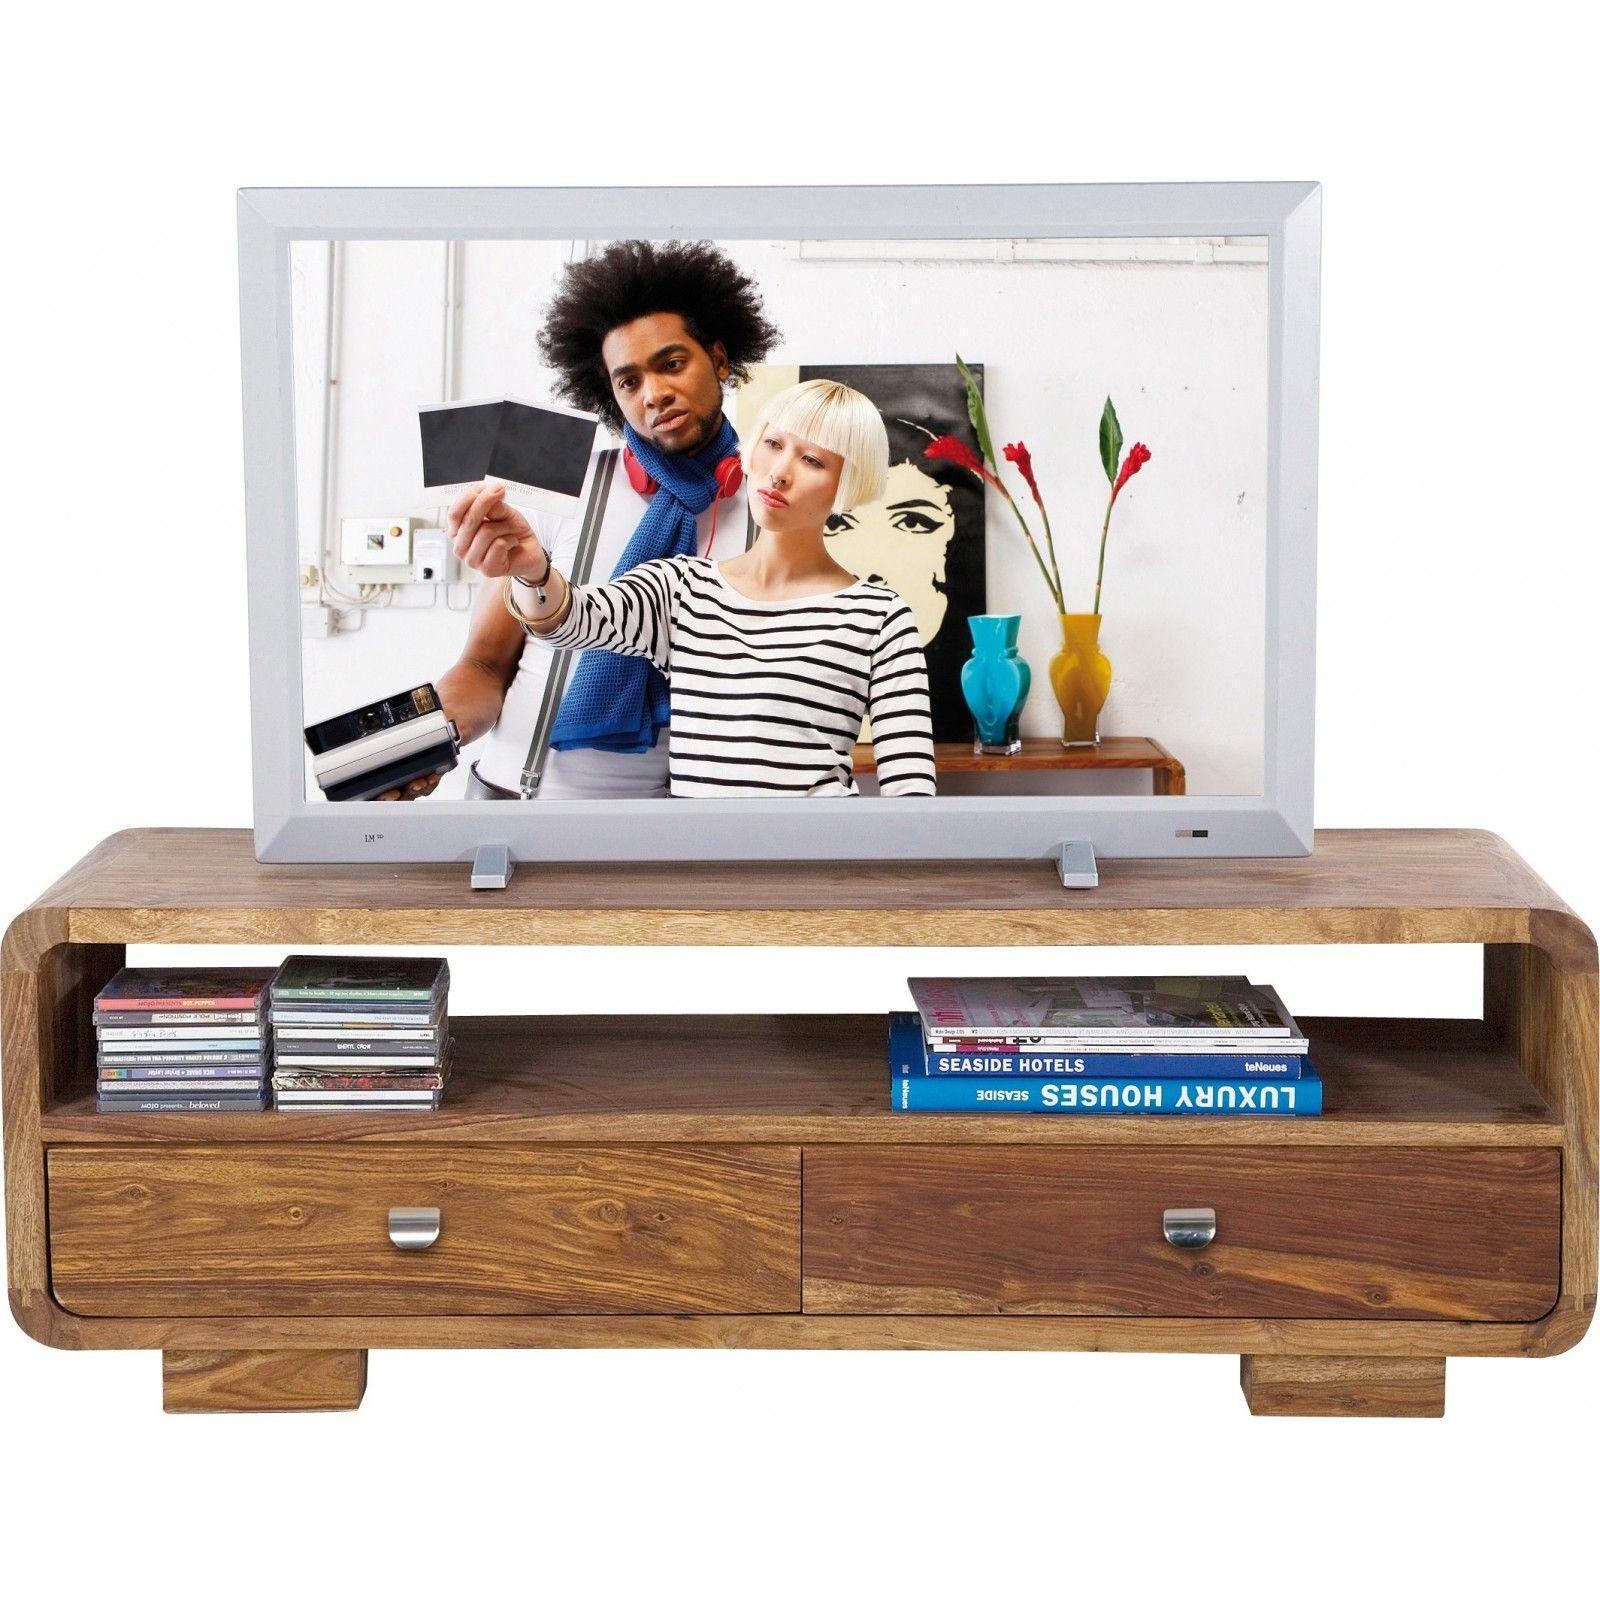 Meuble Tv Traditionnel En Bois Authentico Kare Design Meuble Tv Meuble Tv Design Meuble Tv Bois